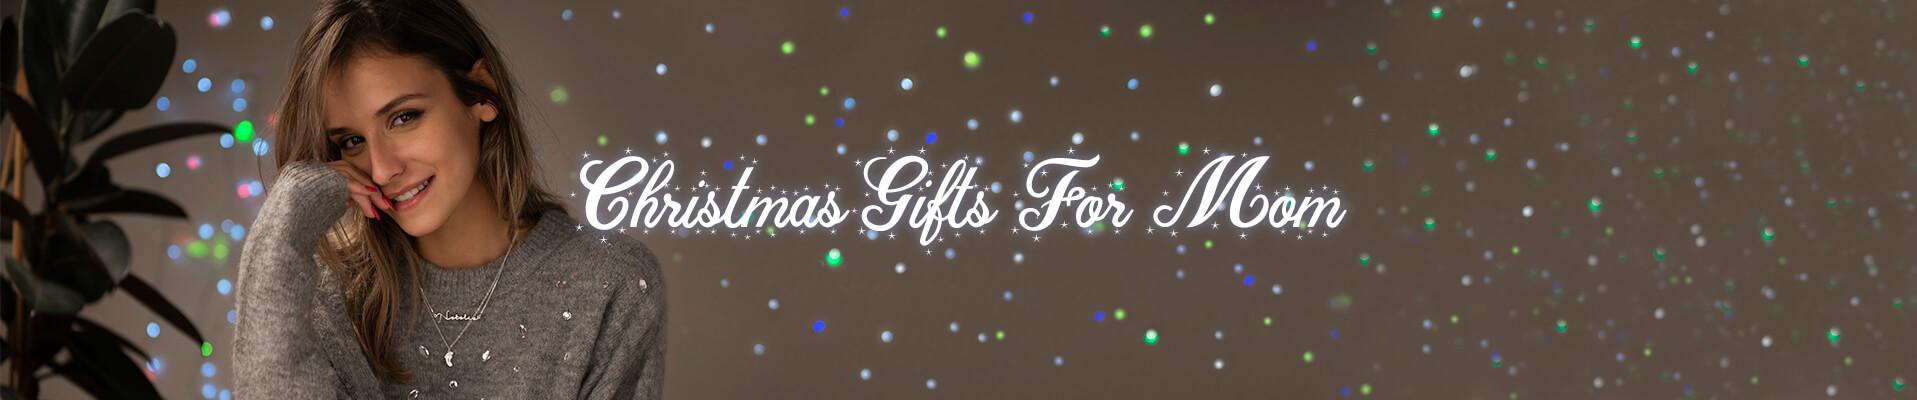 Christmas gifts for mom desktop banner